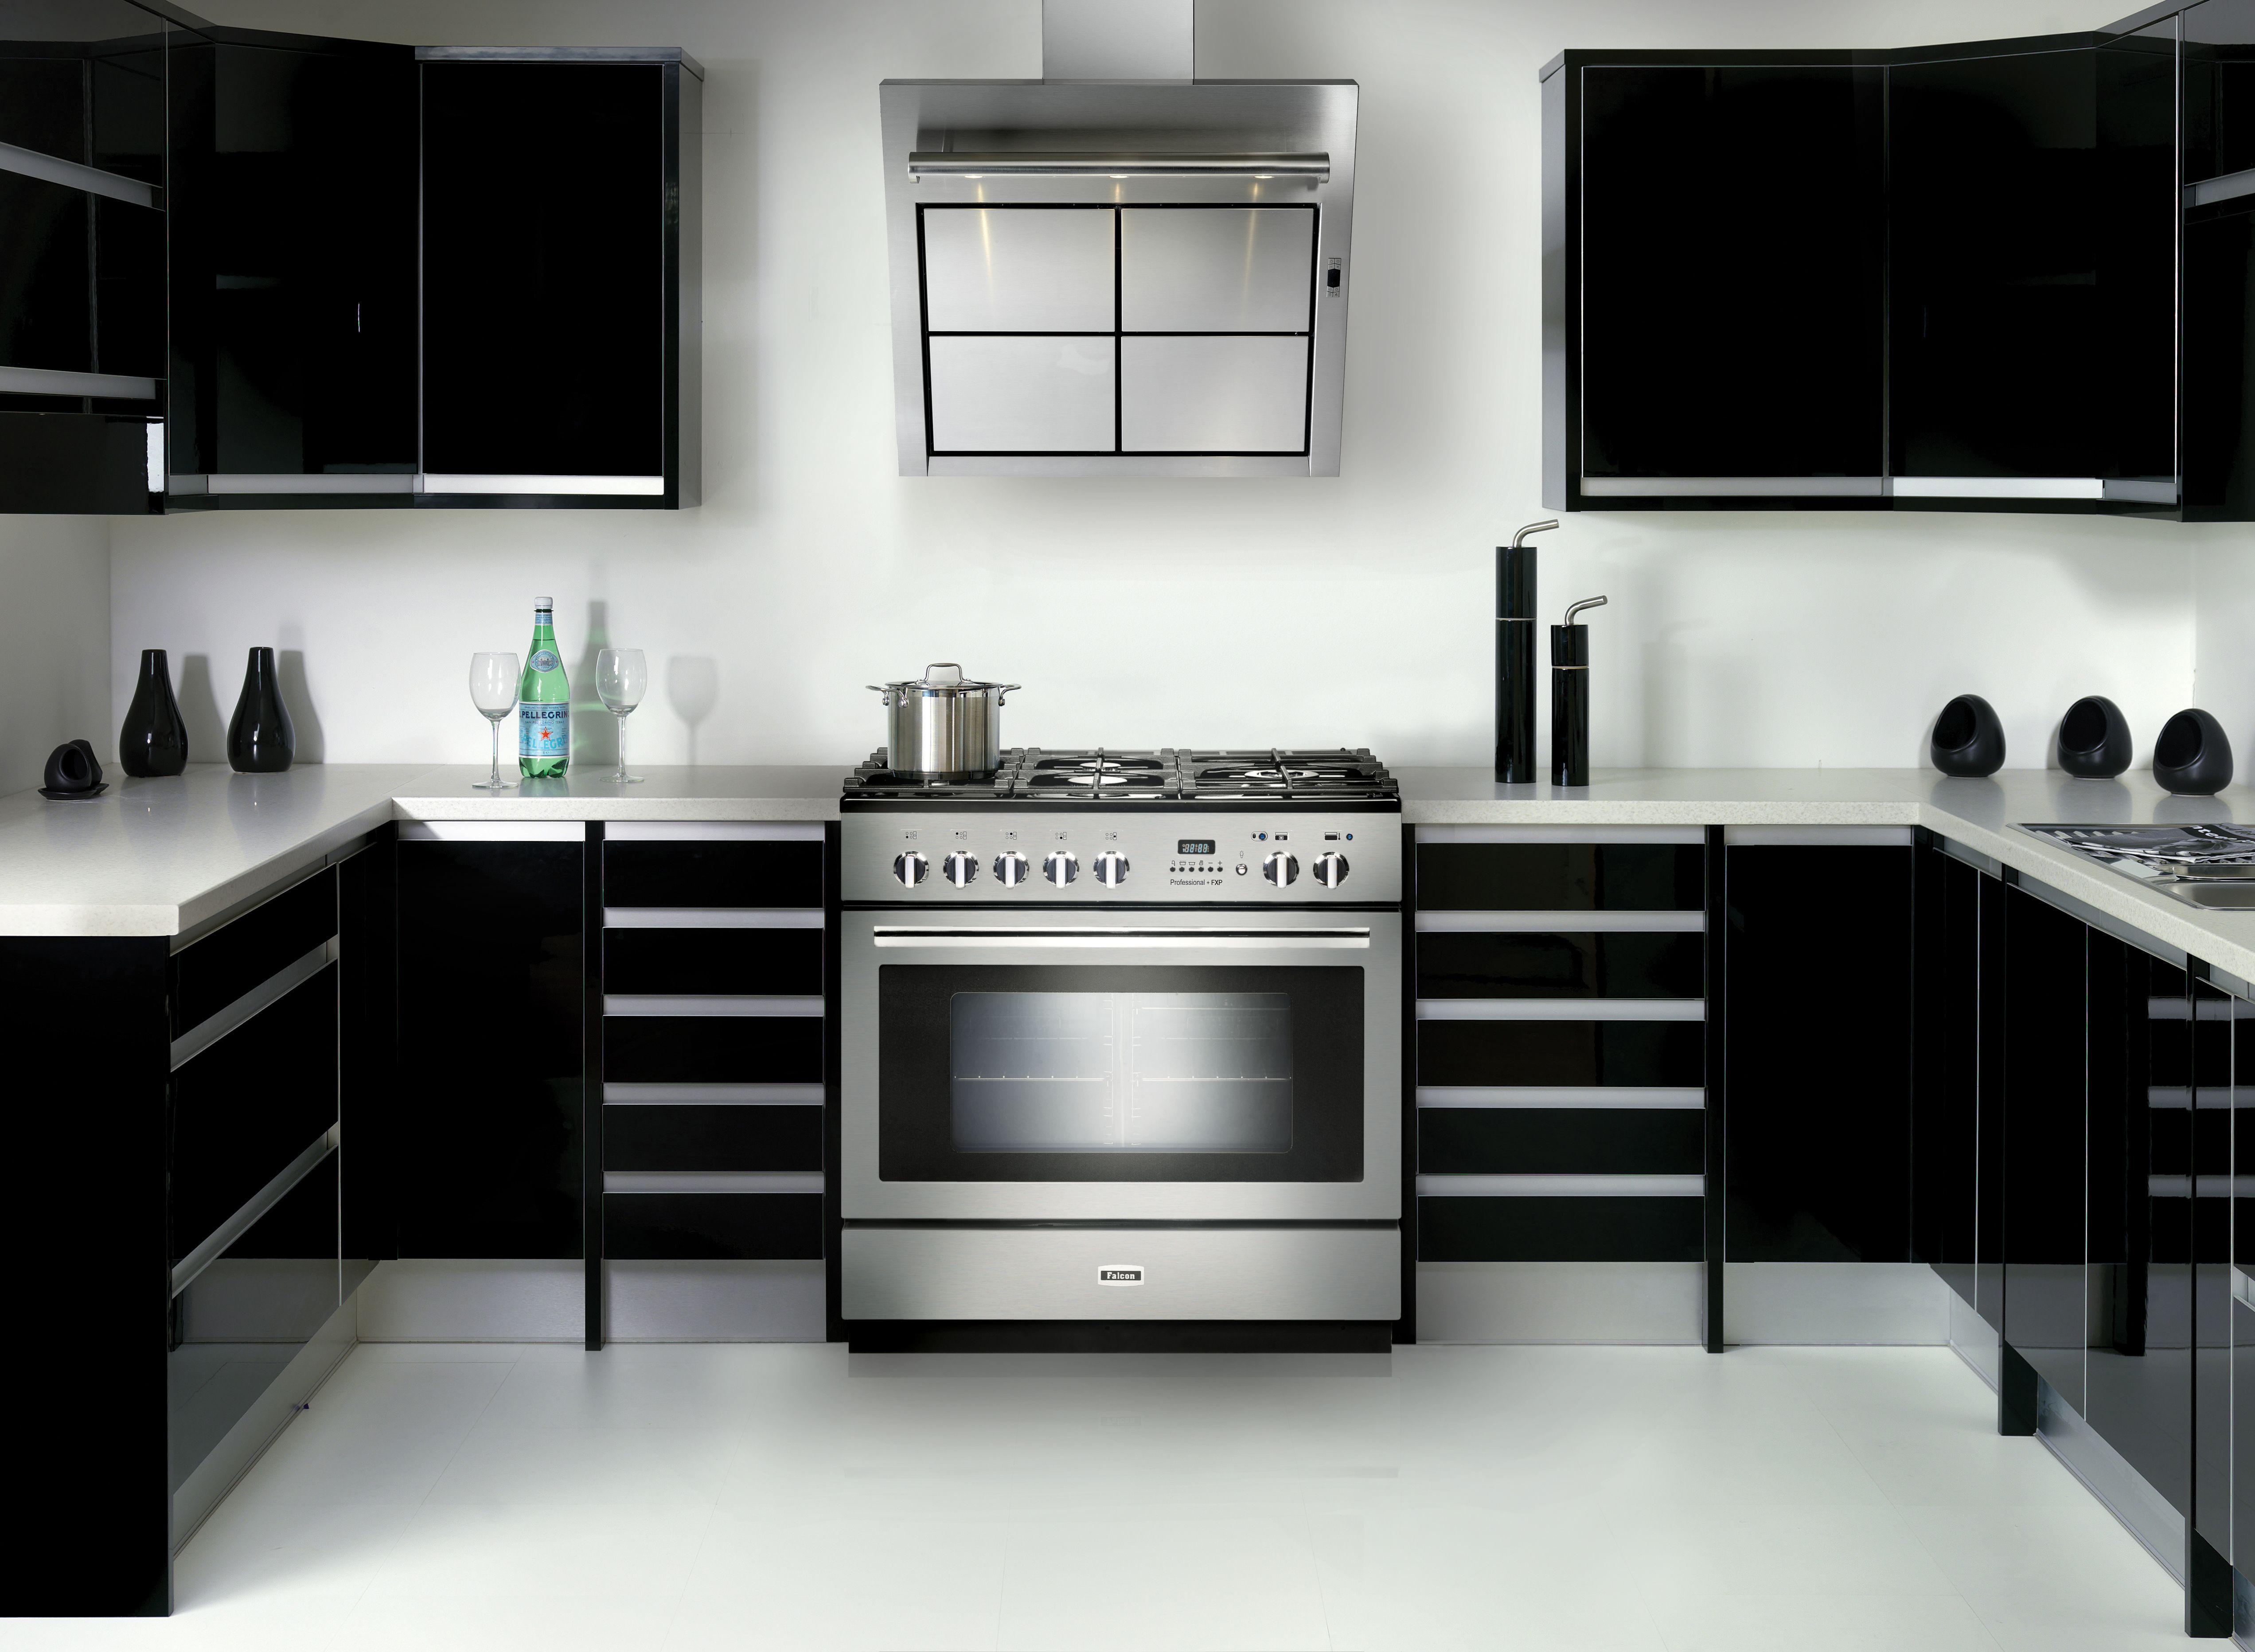 Falcon Küche ein professional fx falcon ein gasherd für die moderne küche